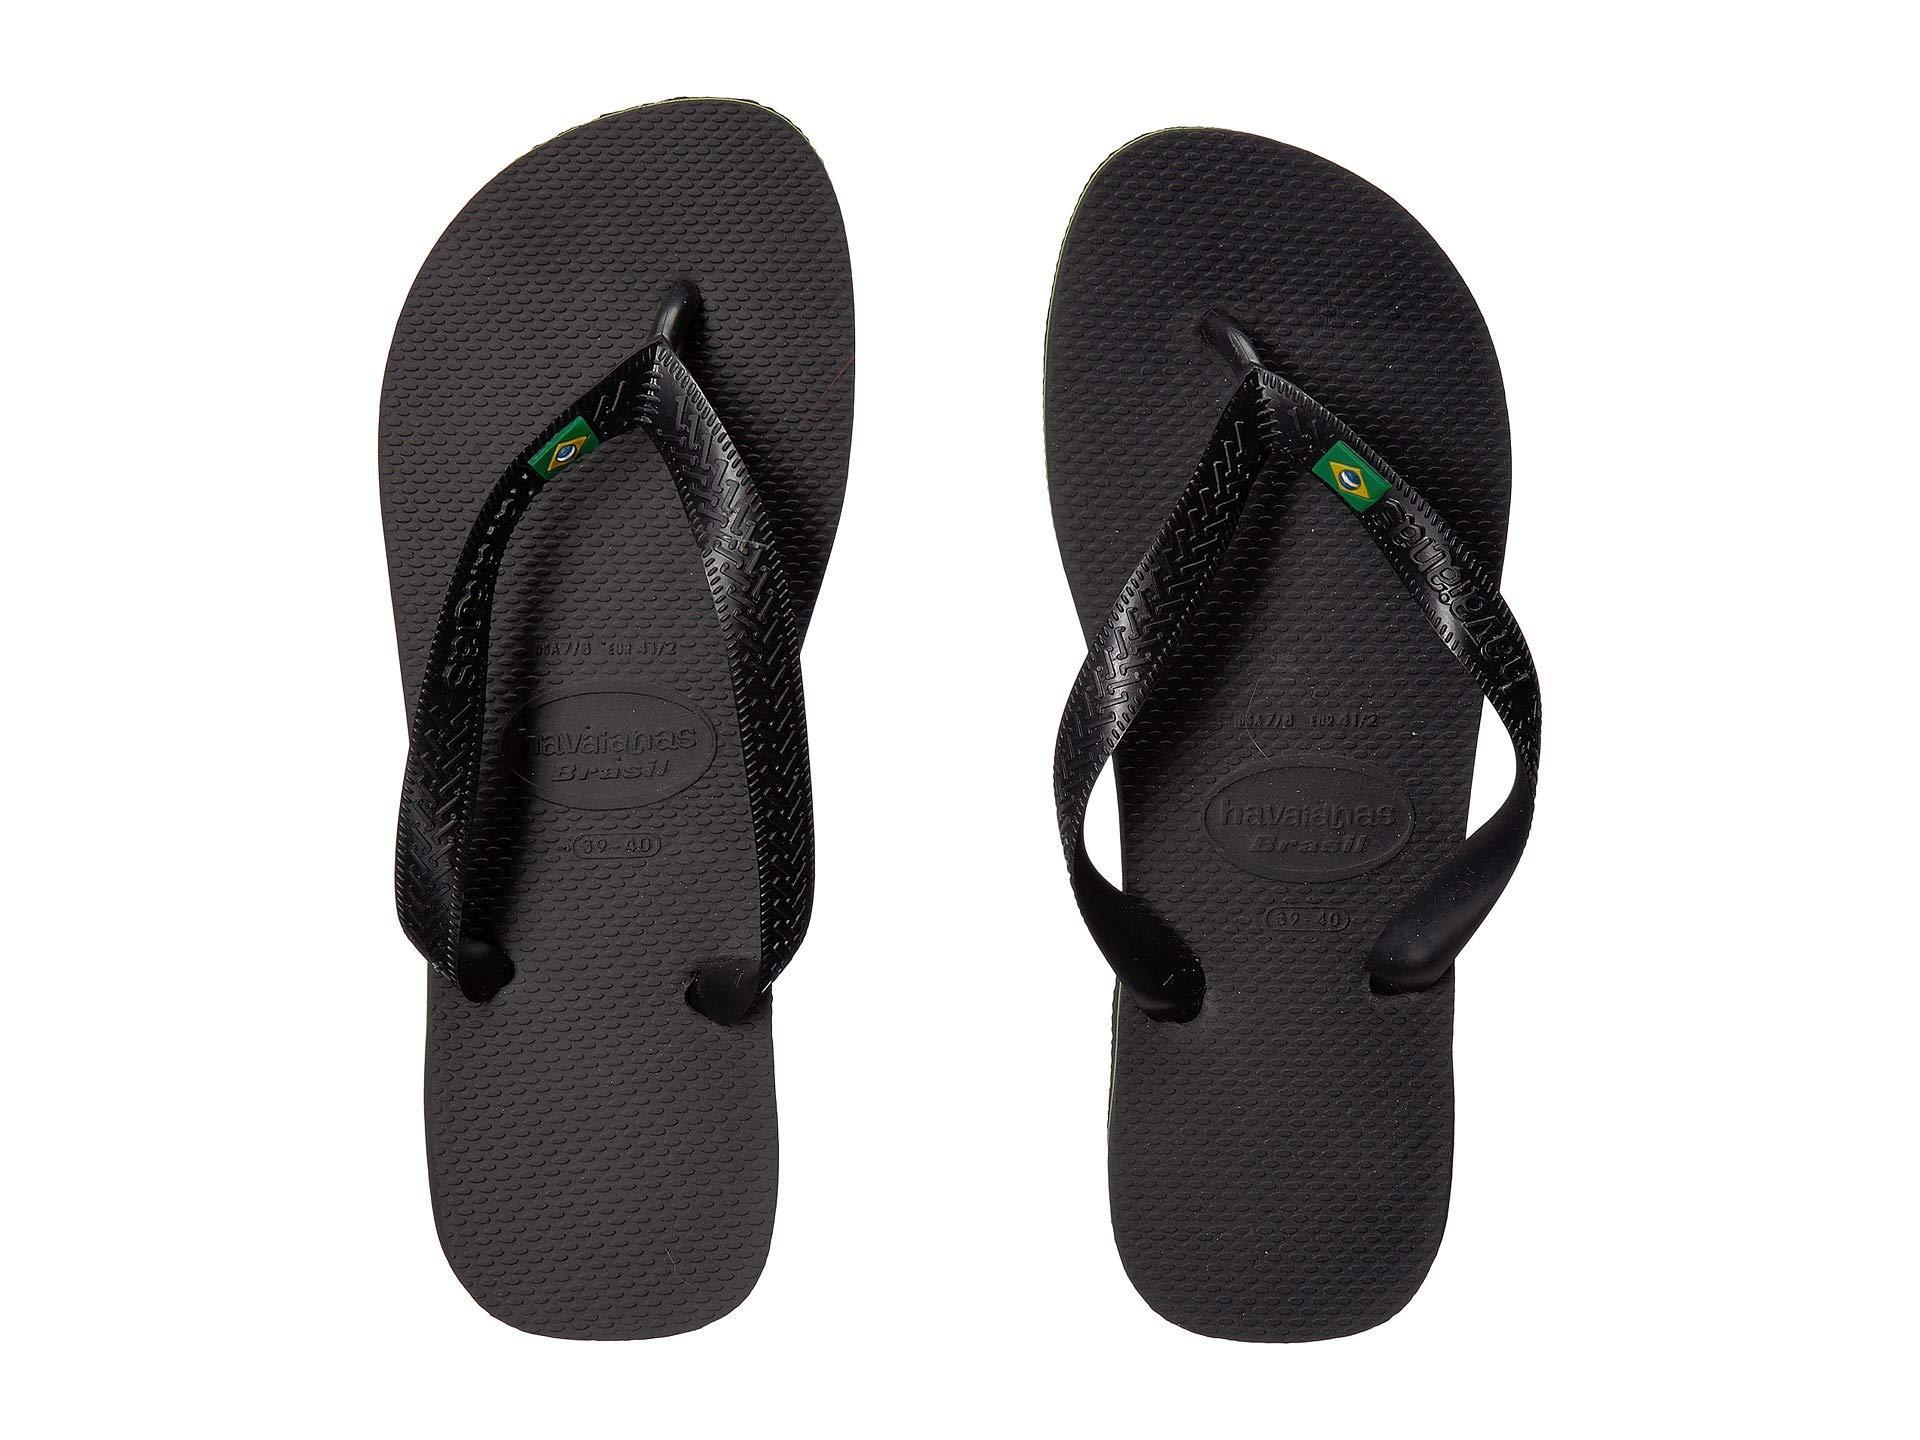 3b9f7a4f943949 Lyst - Havaianas Brazil Flip Flops (black) Women s Sandals in Black